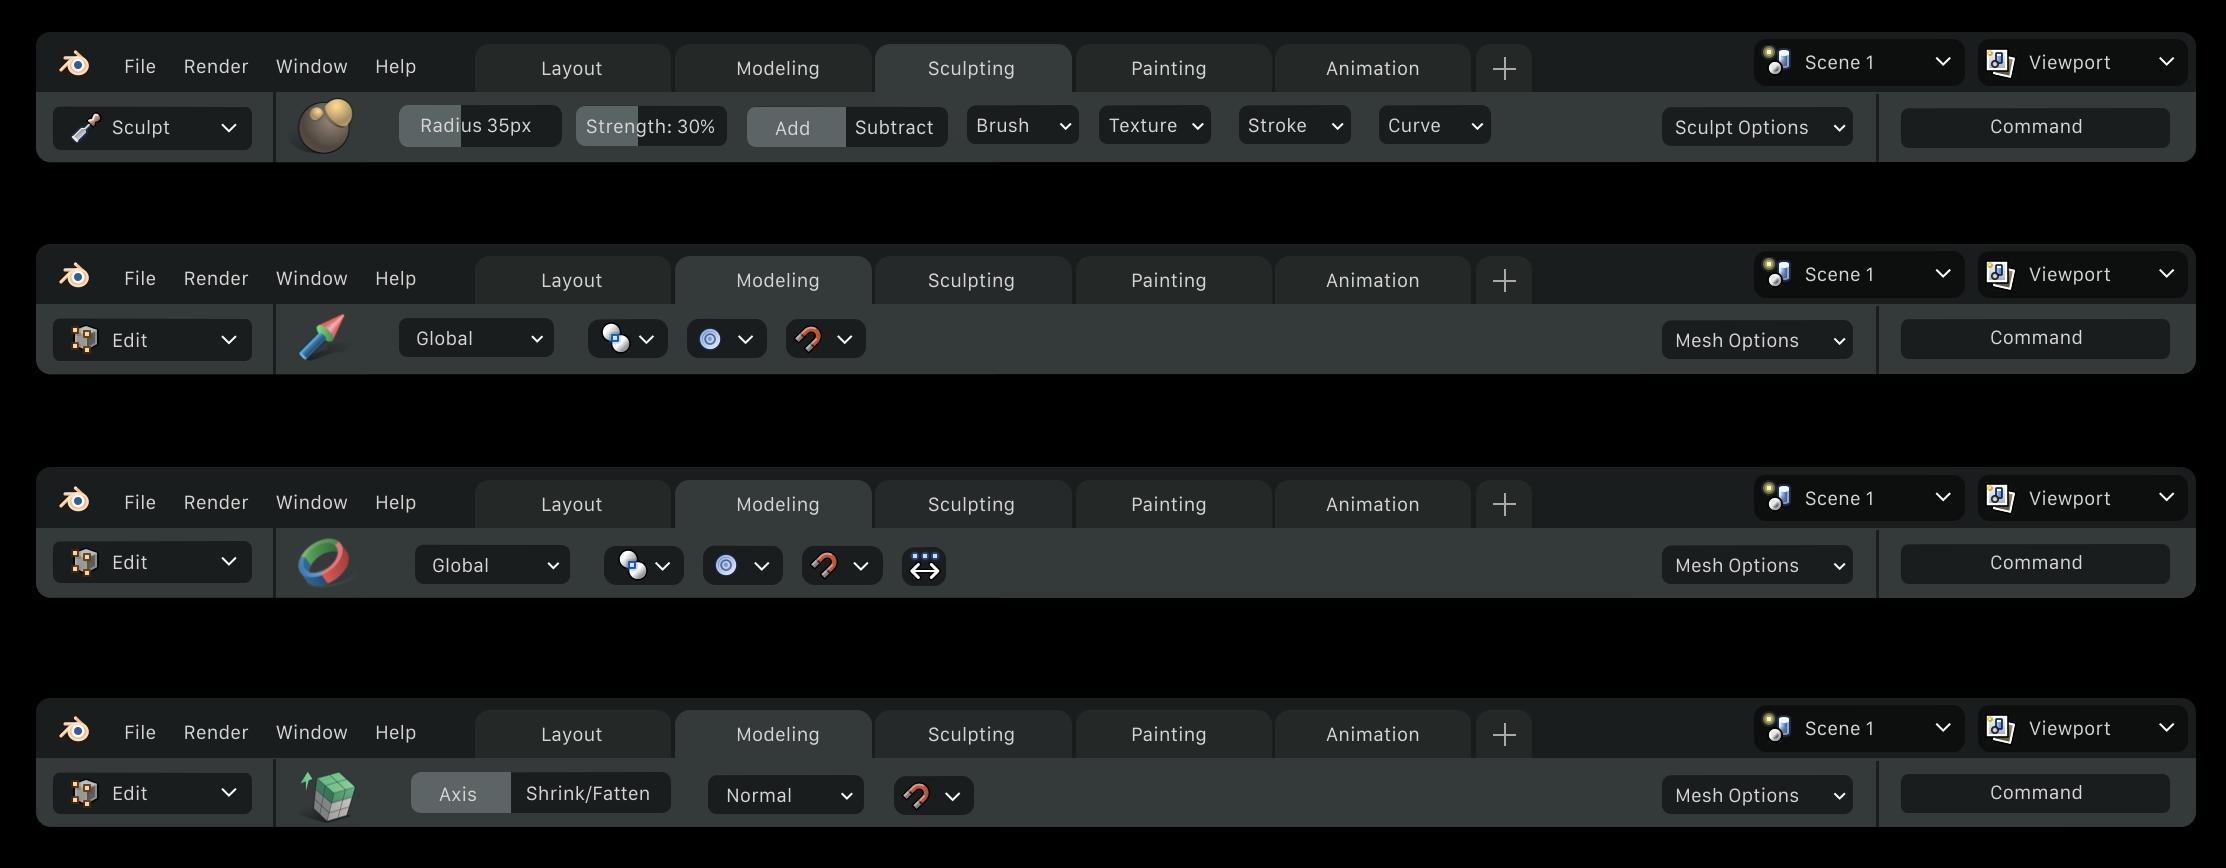 Los ajustes de las herramientas en Blender 2.8